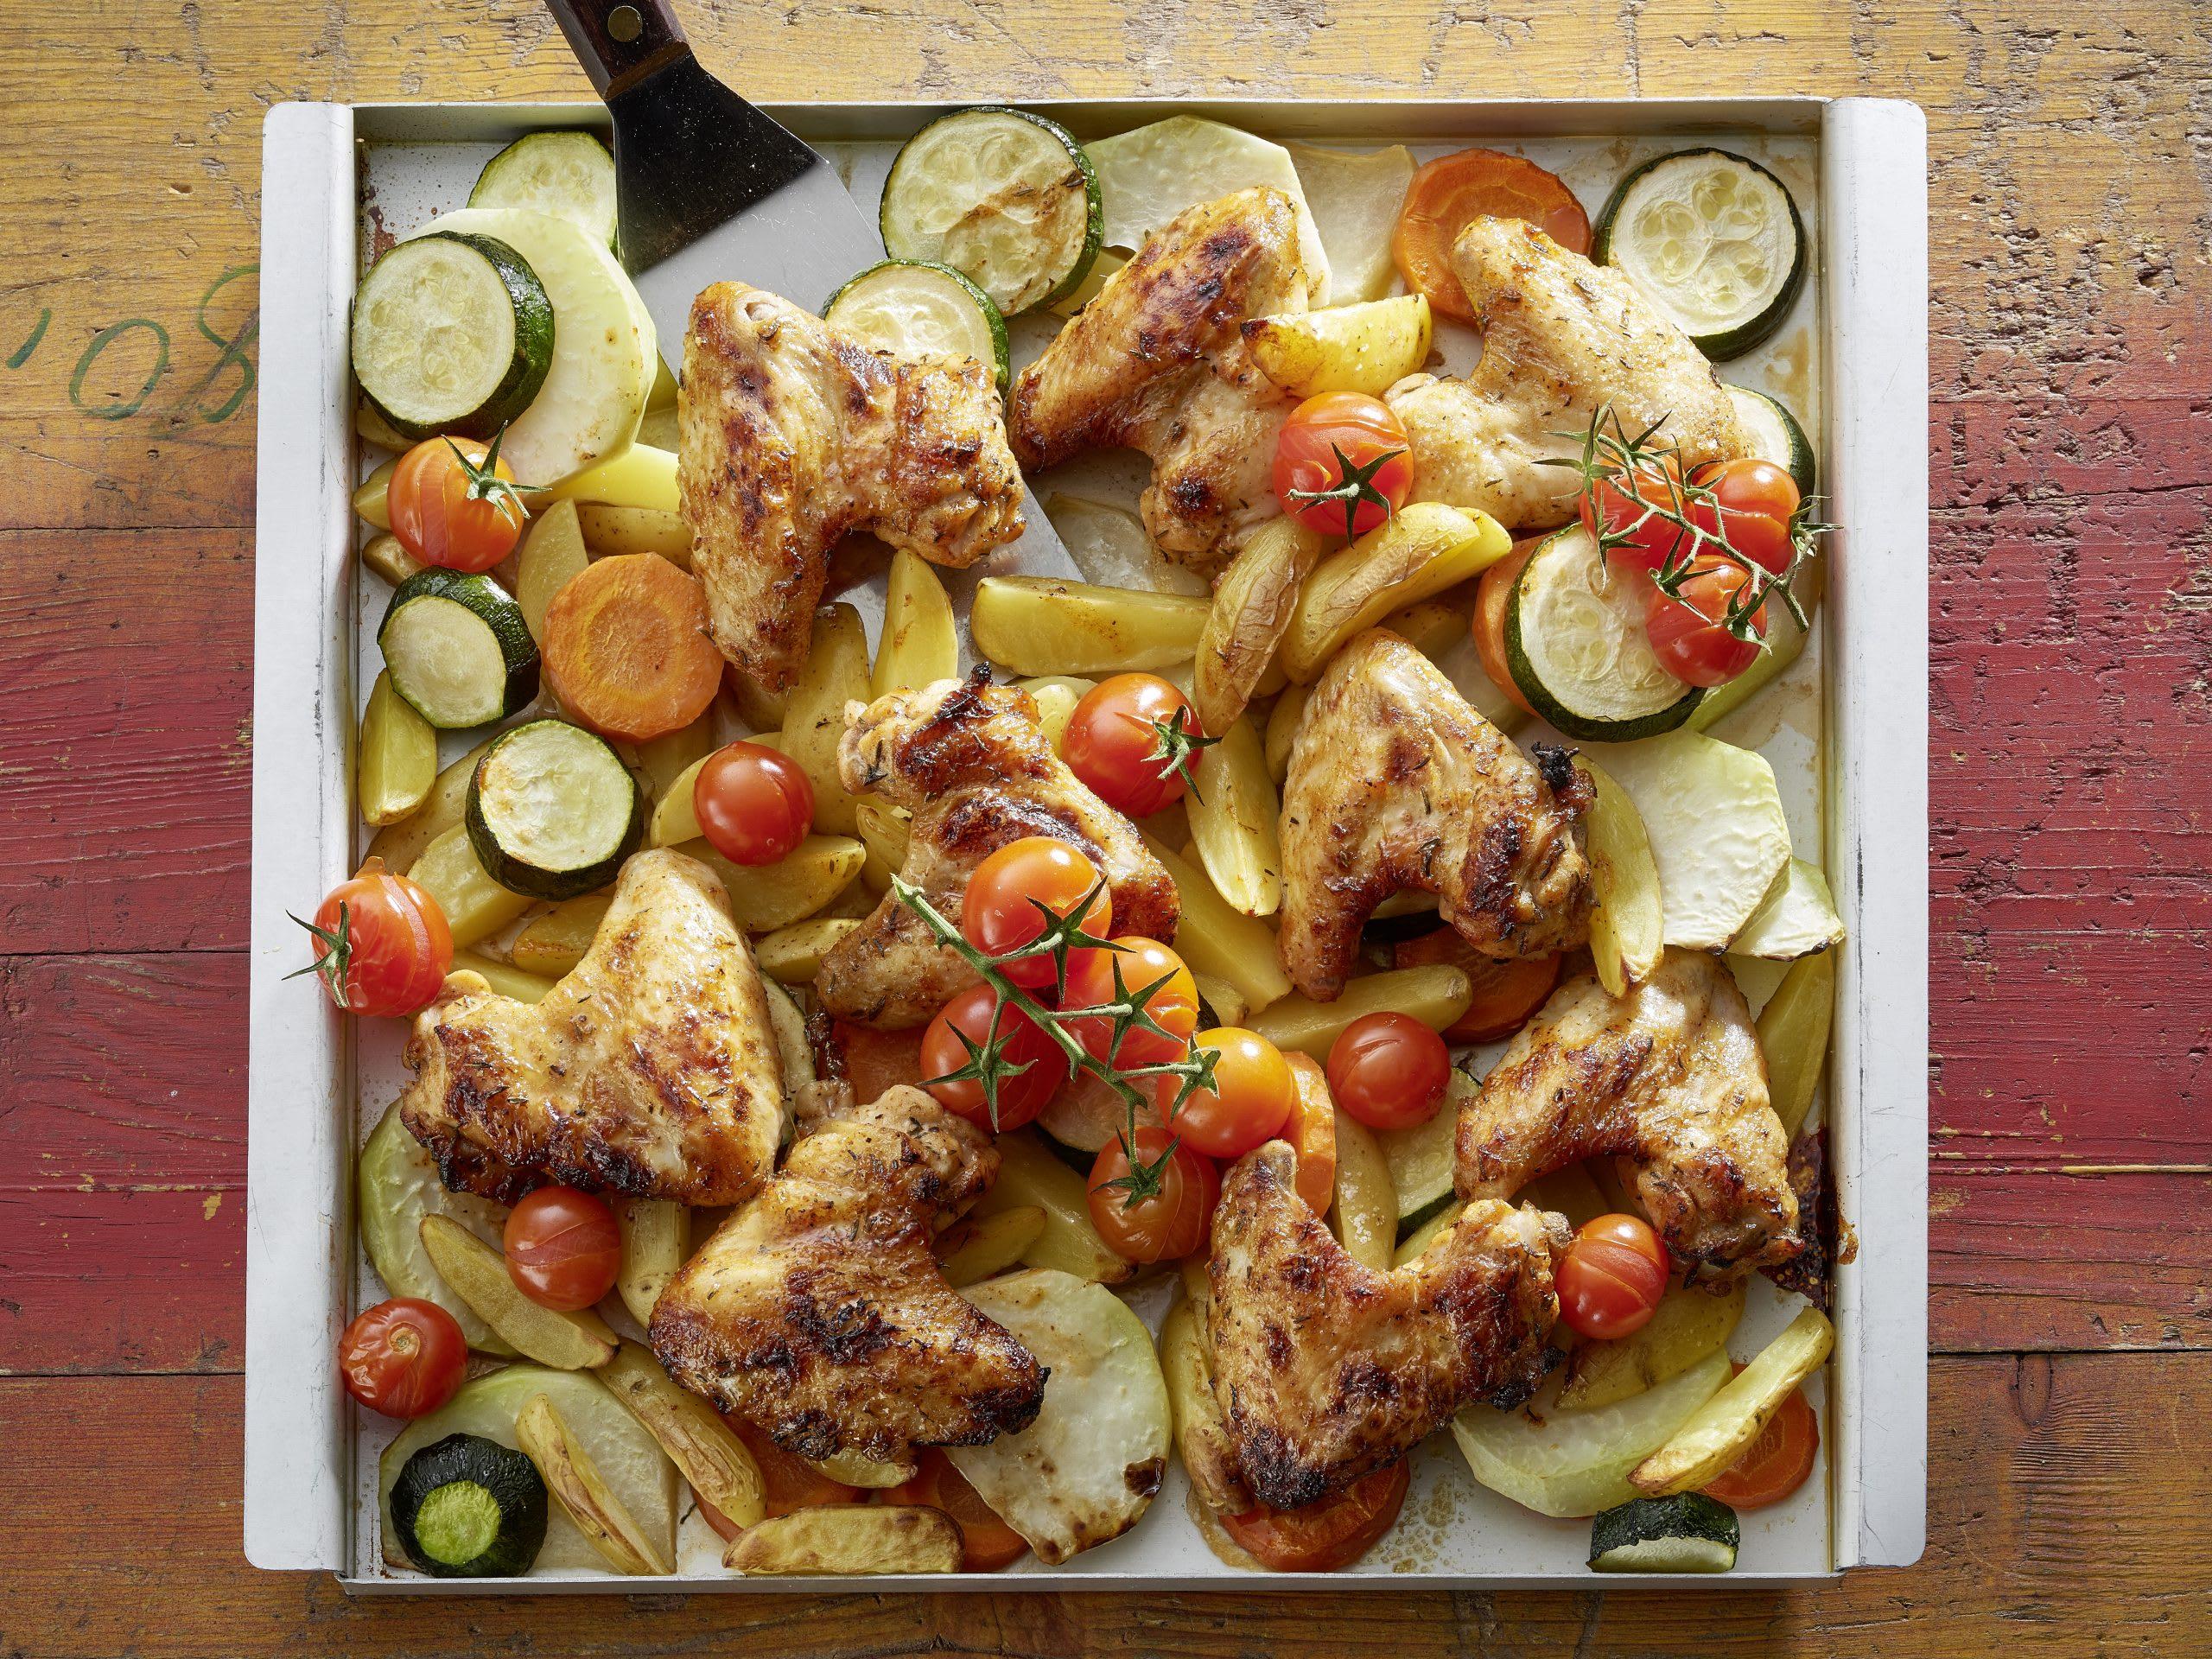 Pouletflügeli aus dem Ofen mit Kartoffeln und Gemüse